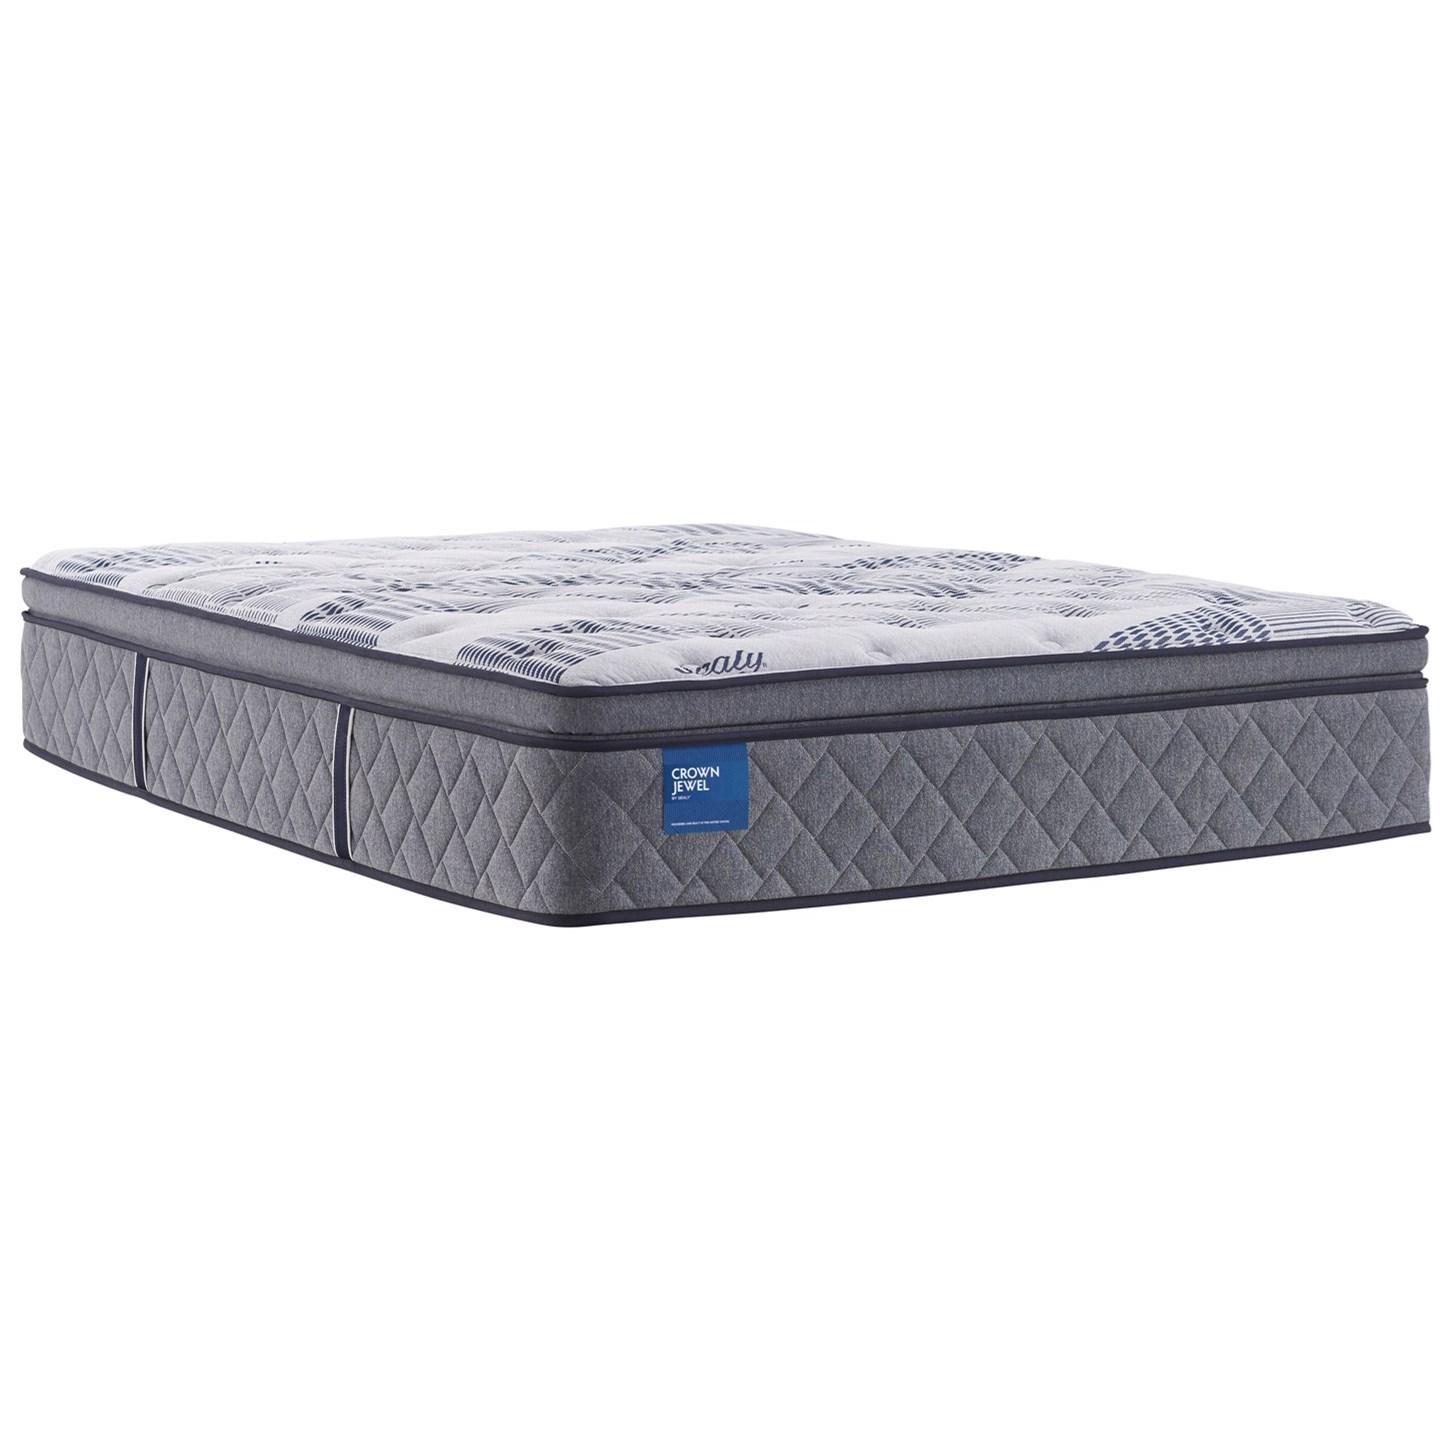 prestwick pillow top queen 14 plush pillow top mattress